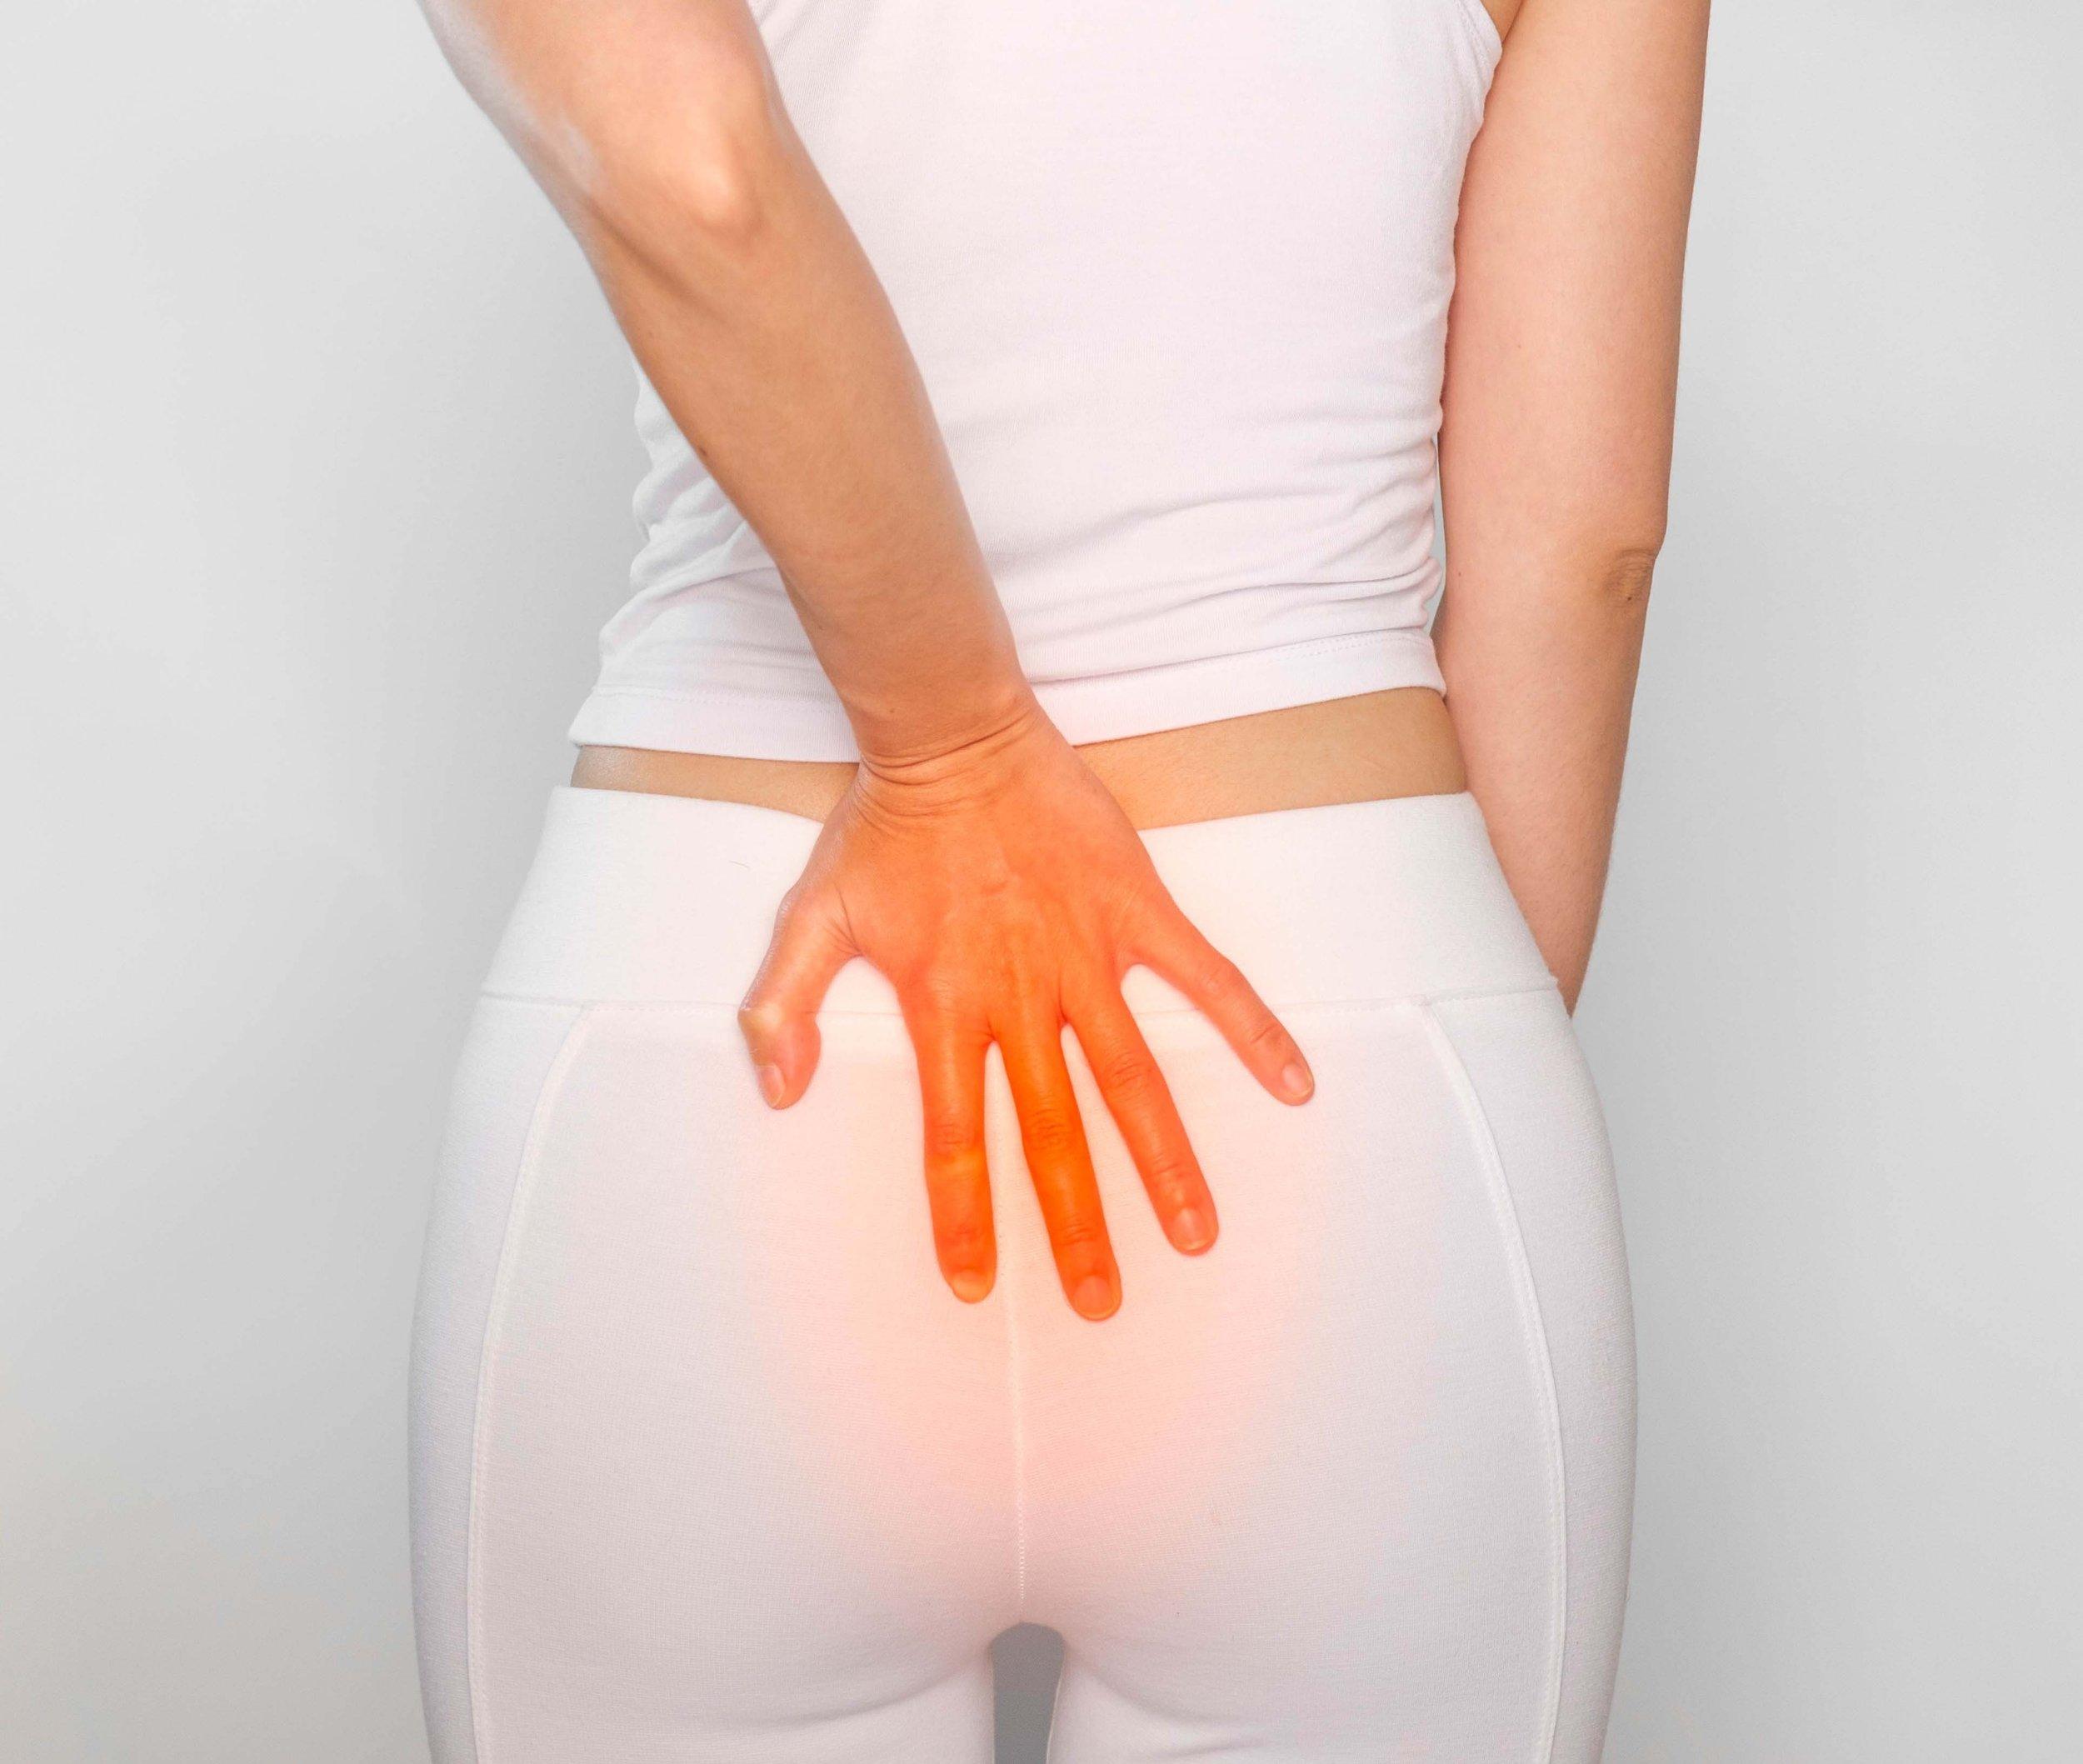 Behandling kan hjelpe mot halebeinsmerter.